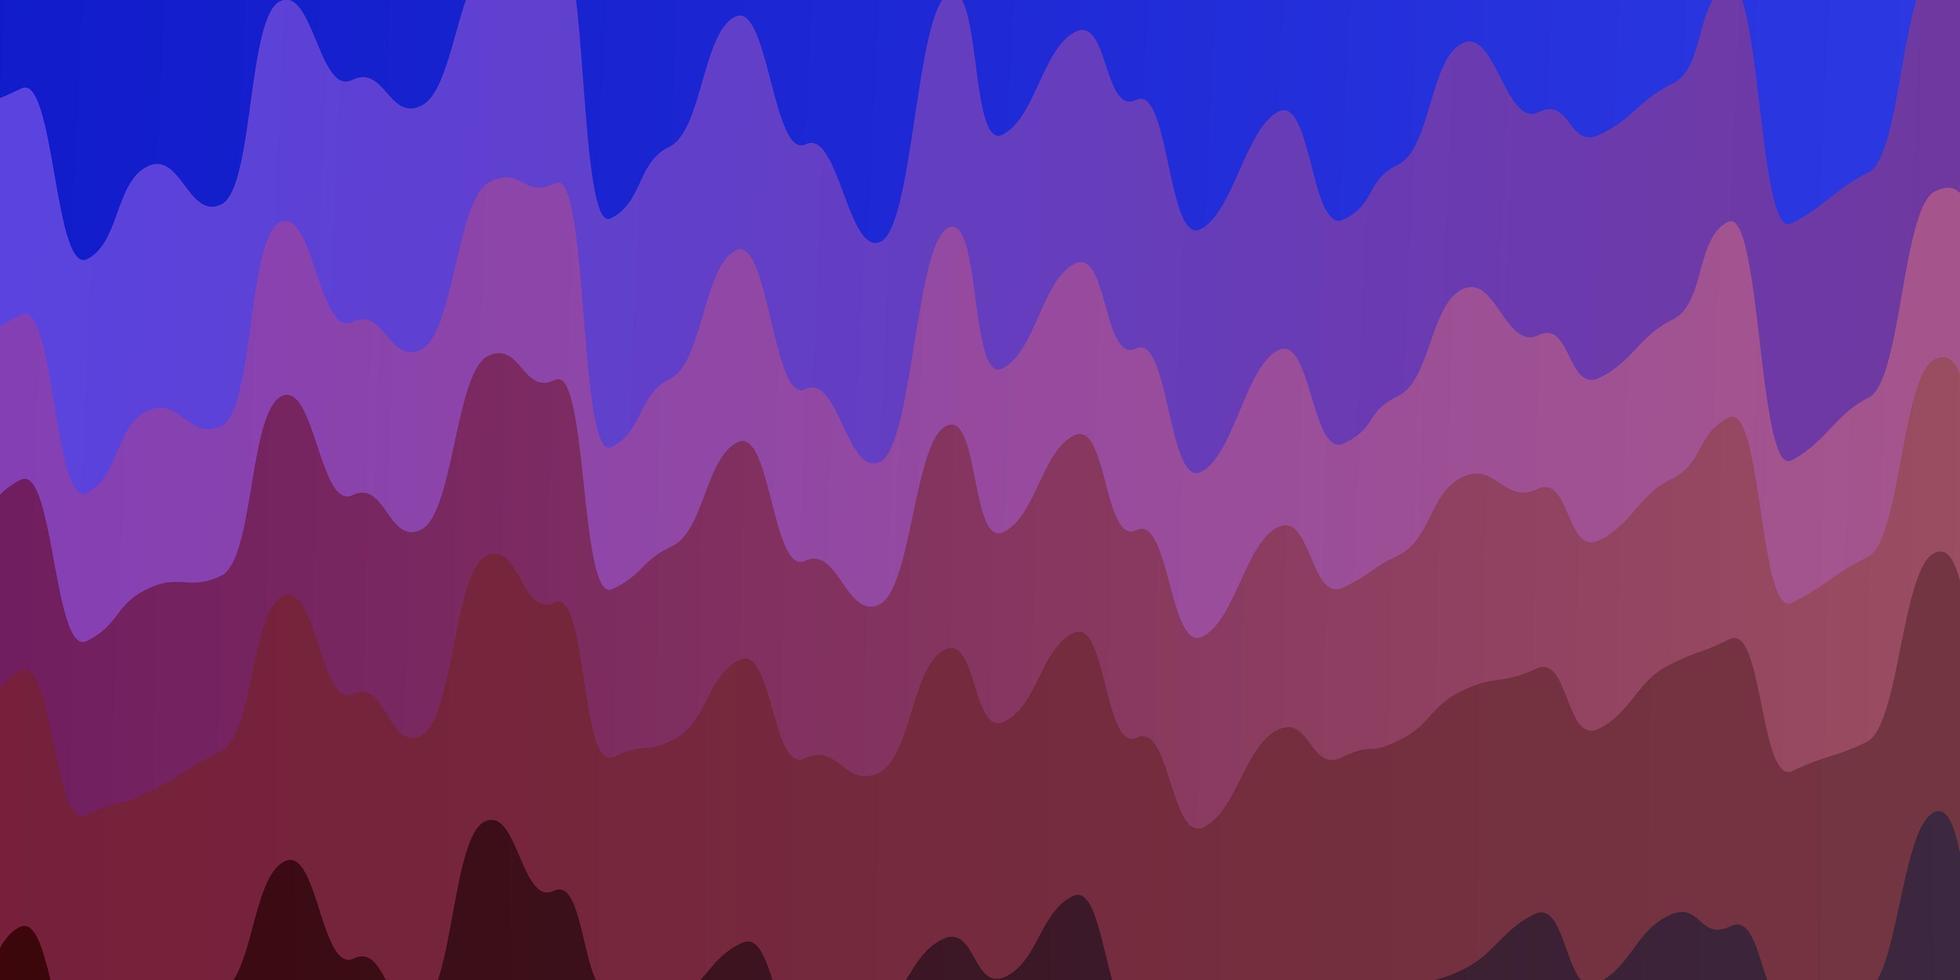 ljusblå, röd bakgrund med sneda linjer. vektor